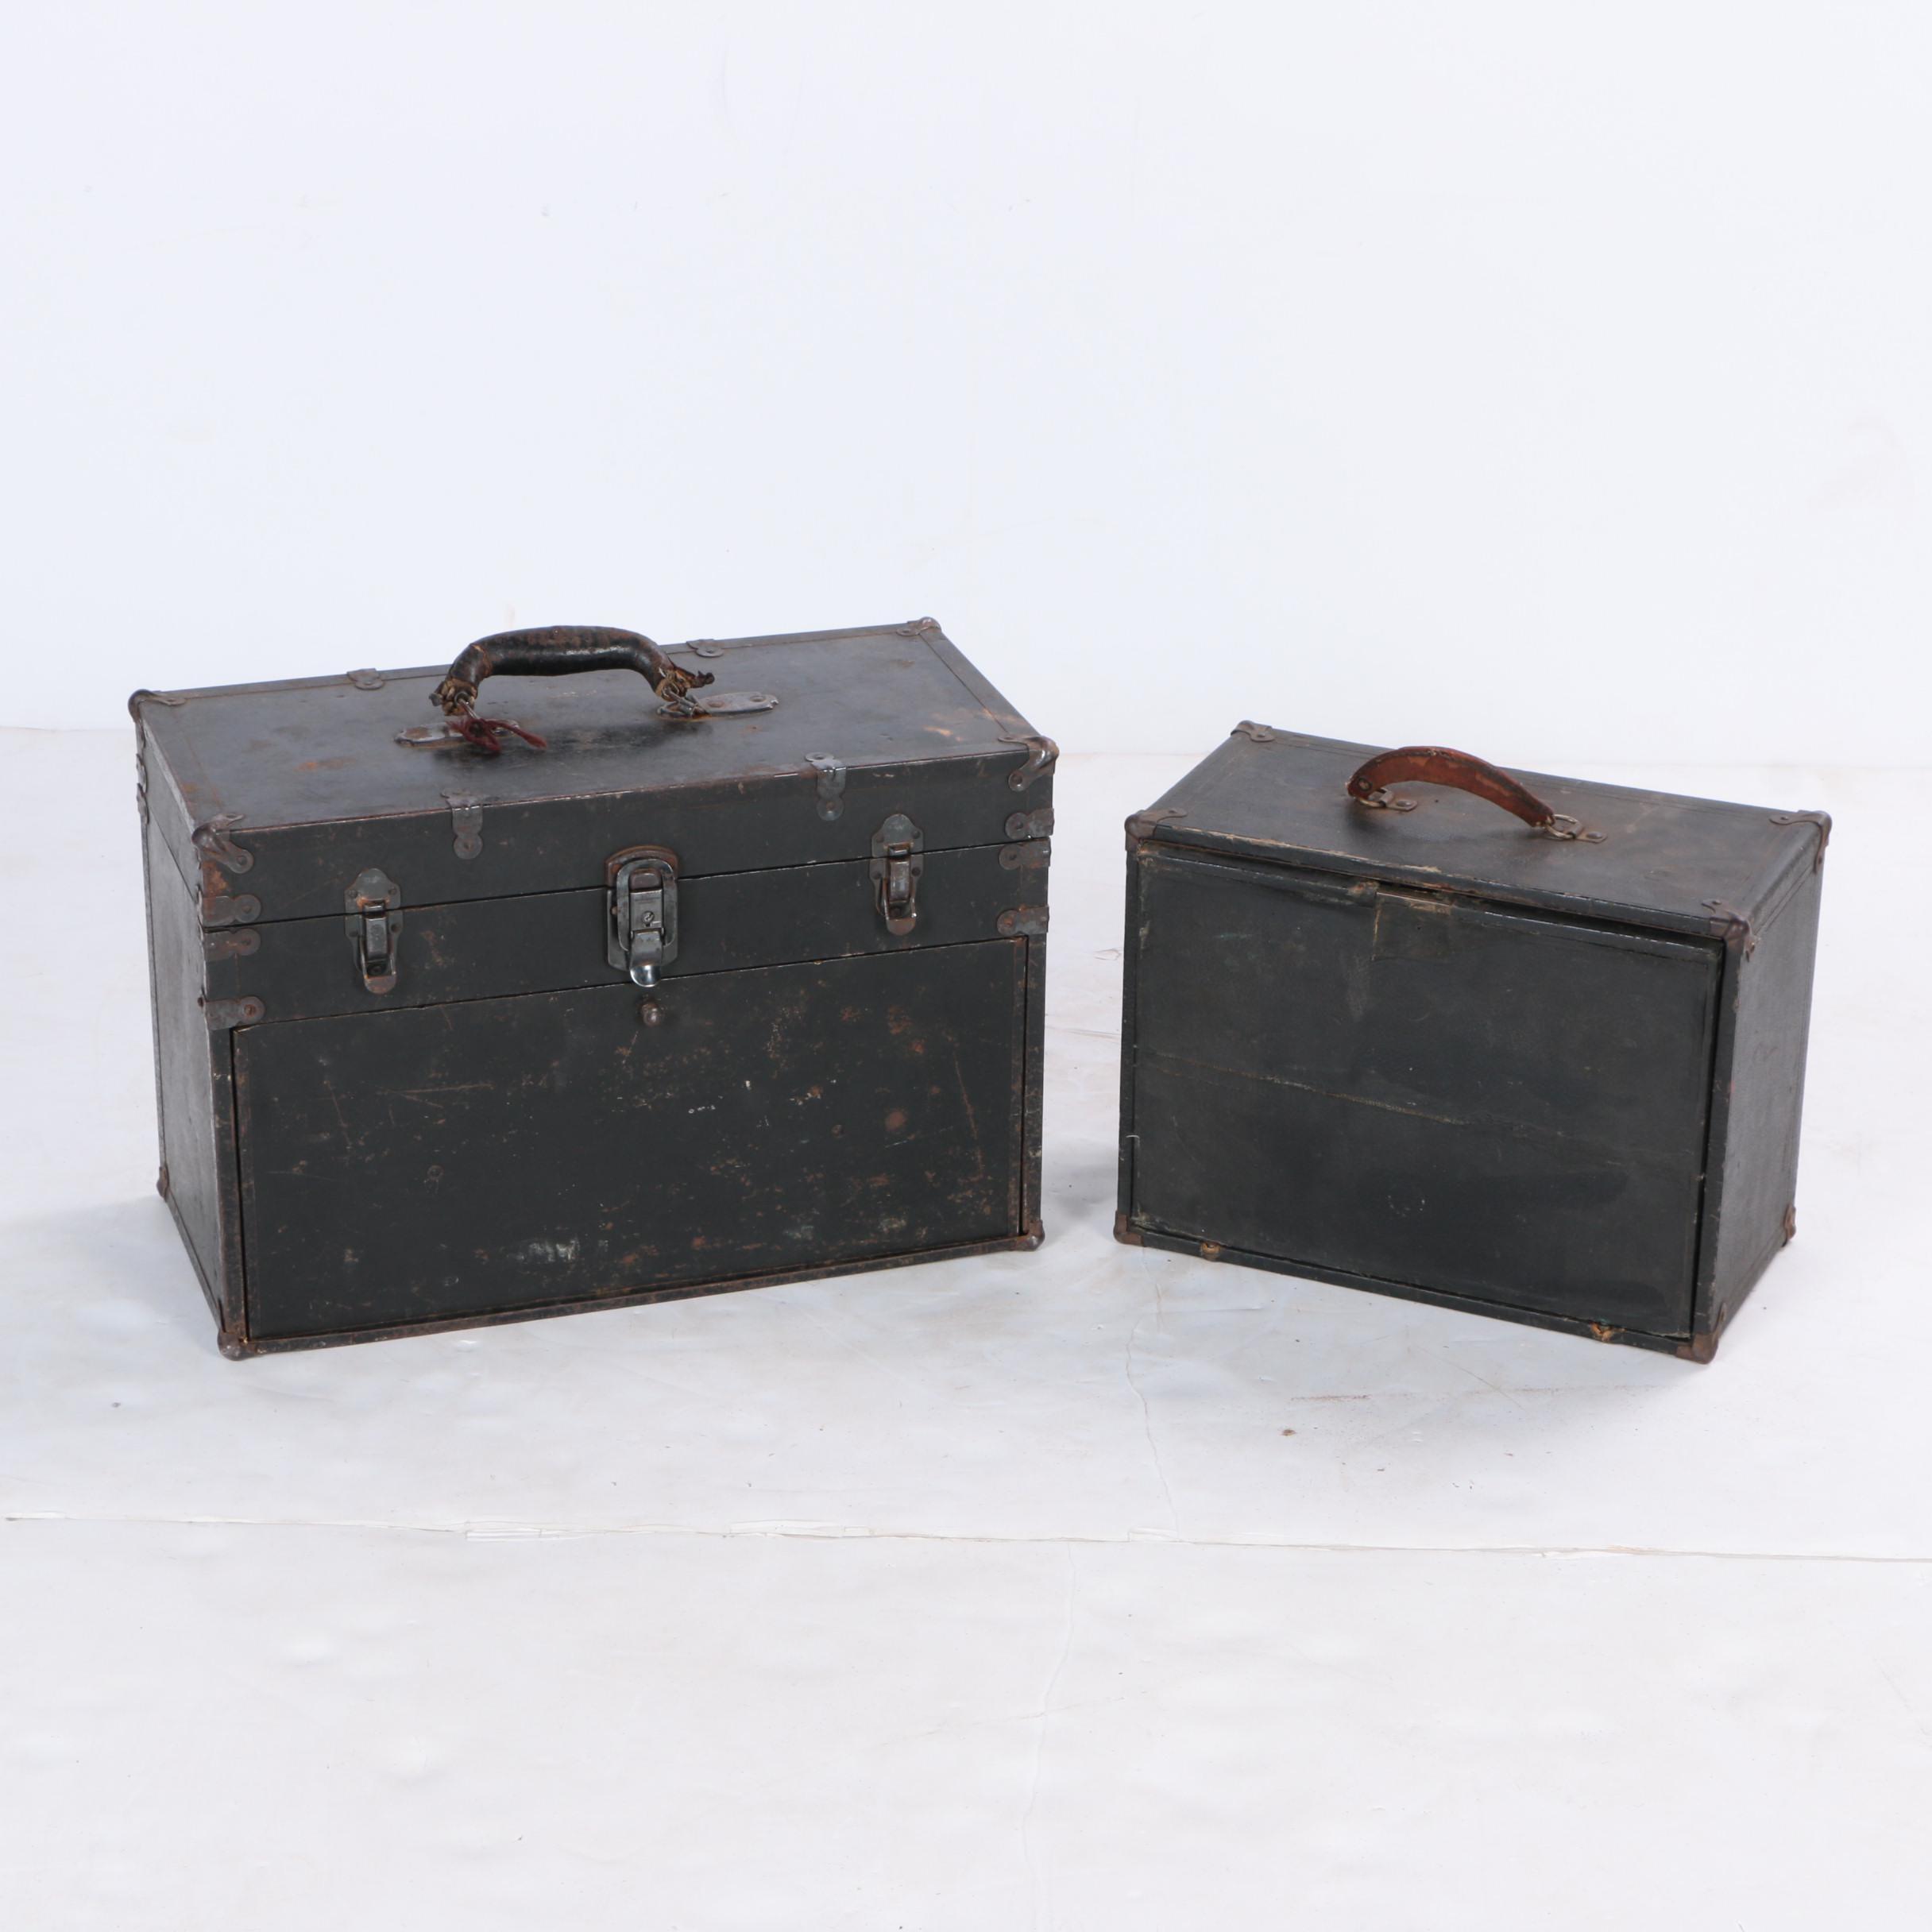 Vintage Make-Up Cases